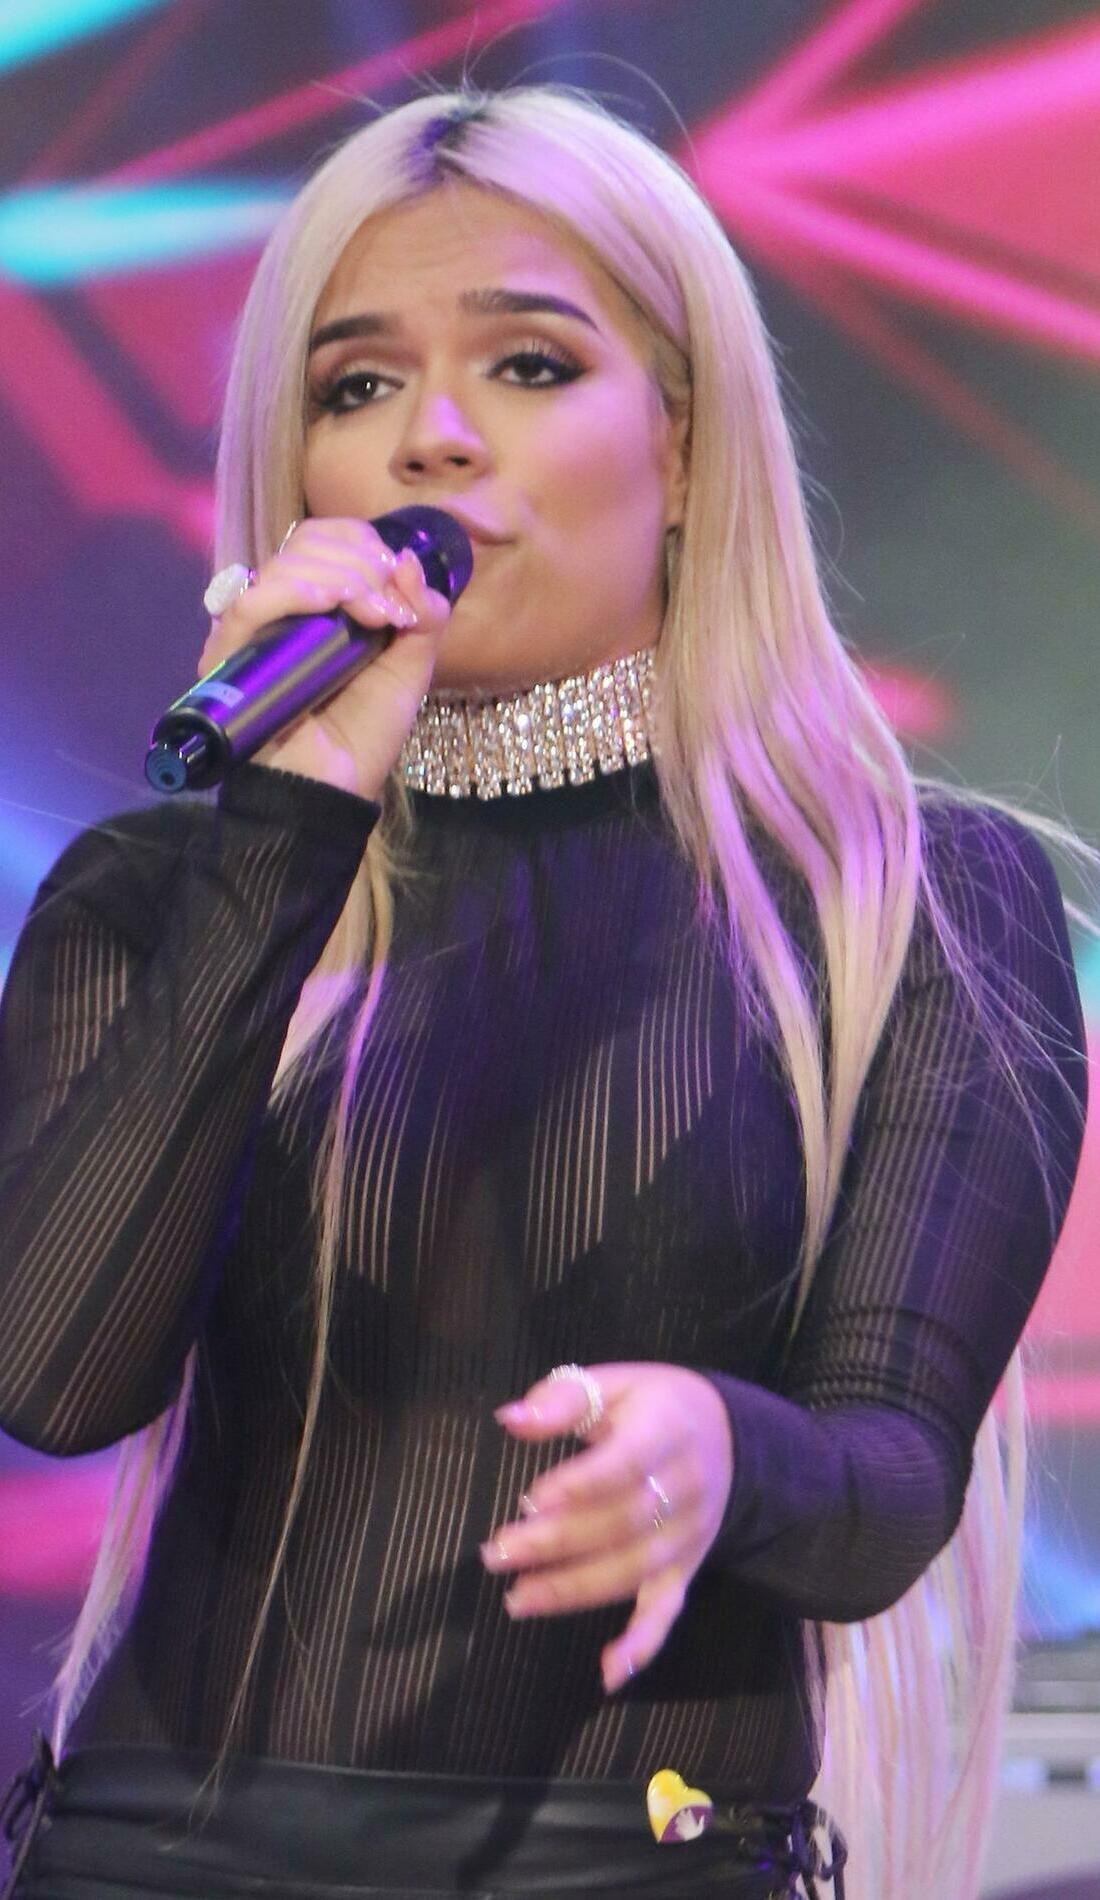 A Karol G live event